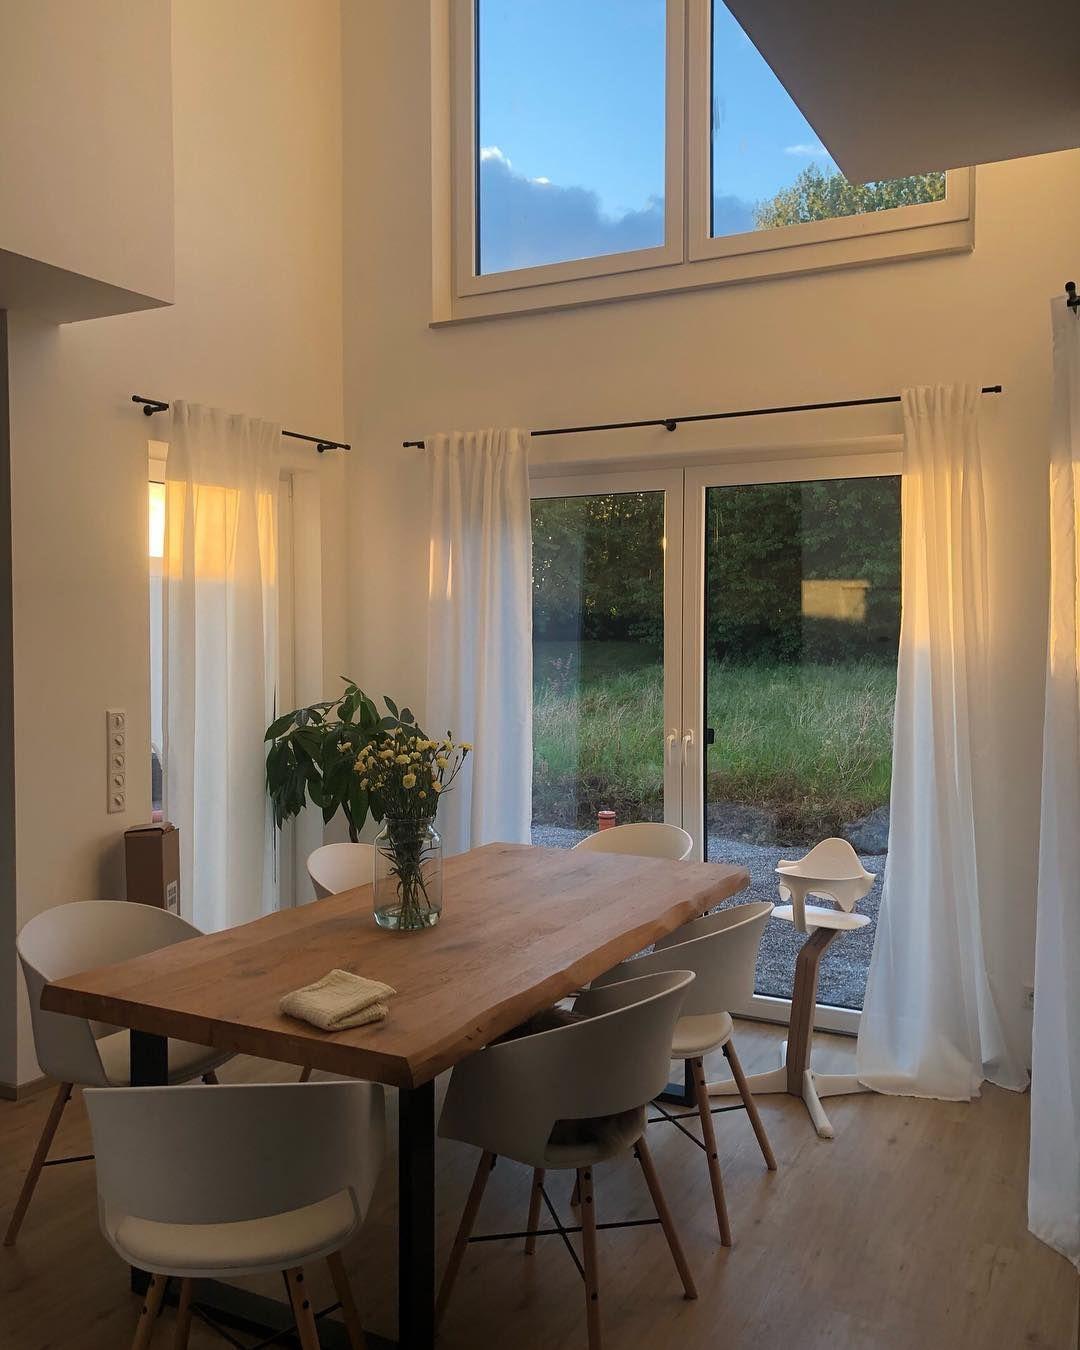 Lisa On Instagram Ein Tisch Bekommt Hier Knapp 10 Mal So Viele Herzchen Wie Ein Baby Tja So Ist Sie Die Verdreh Home Interior Design Home House Interior